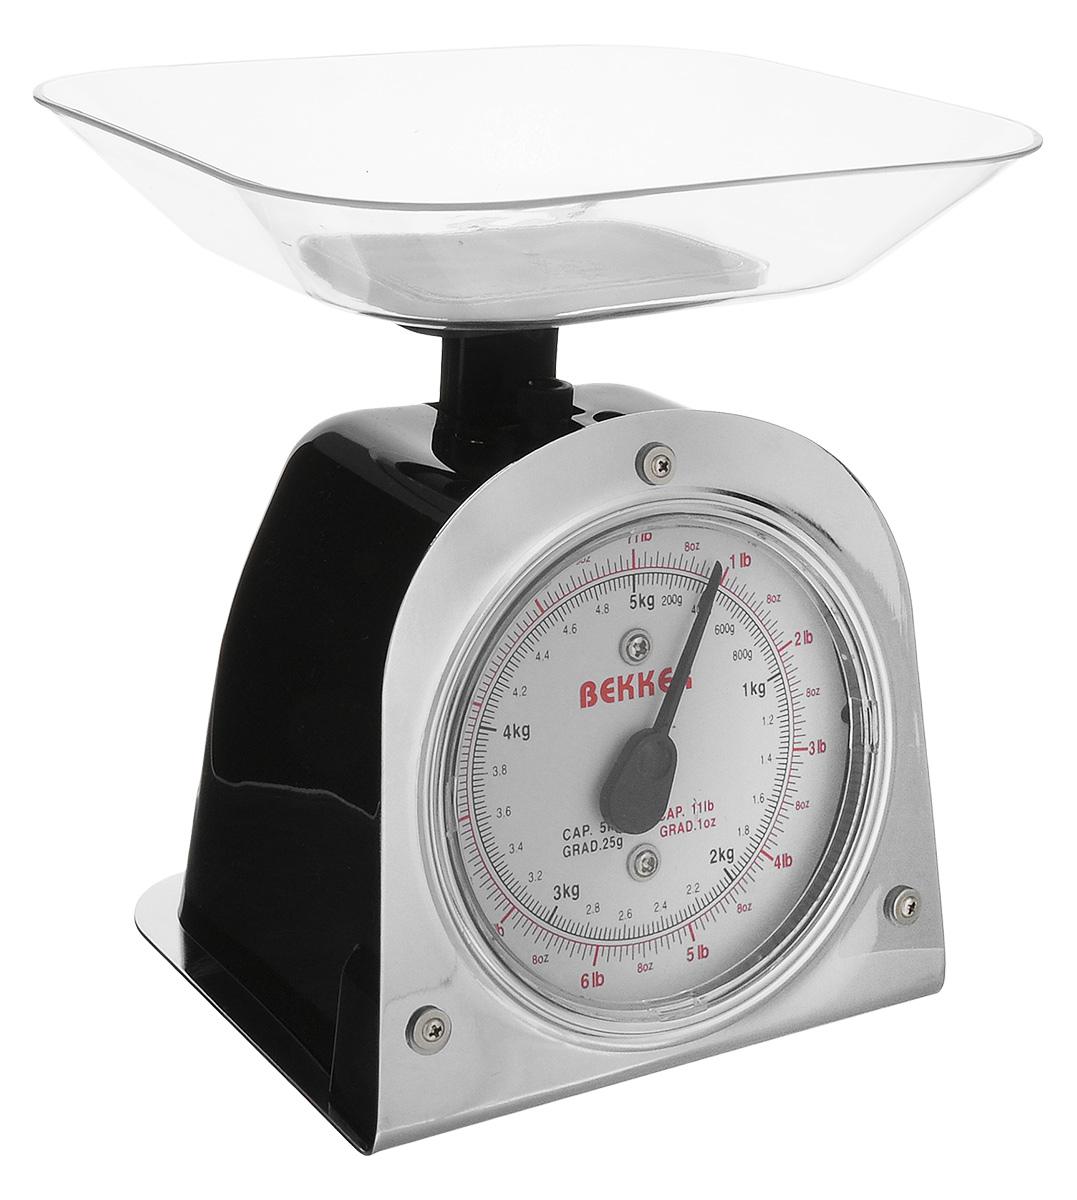 Весы кухонные Bekker Koch, цвет: черный, серебристый, до 5 кгBK-2_черныйВесы кухонные Bekker Koch предназначены для взвешивания продуктов. Основание весов изготовлено из металла, а корпус из высококачественного пластика. Весы имеют регулятор мерной шкалы и съемную чашу, изготовленную из пластика. Весы выдерживают до 5 килограмм веса. Кухонные весы Bekker Koch придутся по душе каждой хозяйке и станут незаменимым аксессуаром на кухне. Размер весов (с учетом чаши): 13,5 см х 12 см х 19 см. Цена деления: 25 г. Максимальная нагрузка: 5 кг. Размер съемной чаши: 17,8 см х 15 см х 3,5 см.